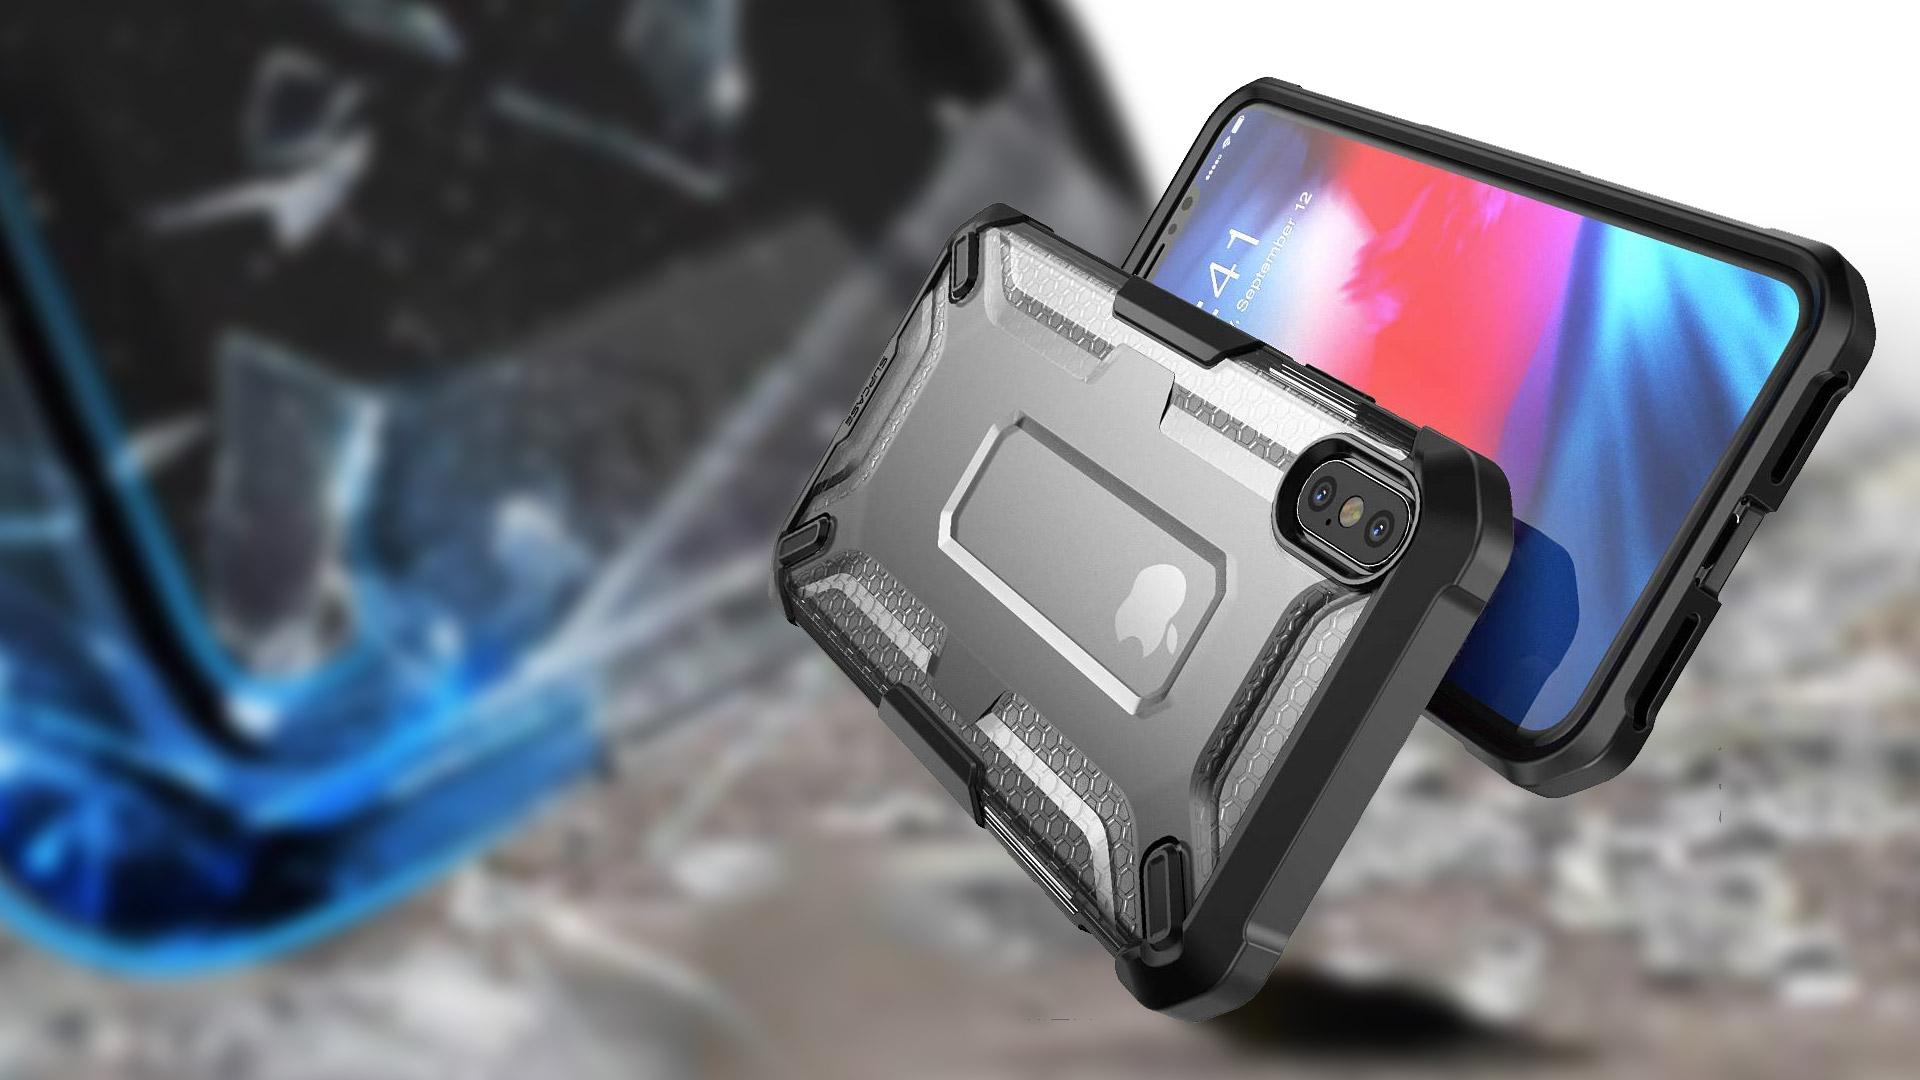 Los mejores casos de grado militar Xs Max de iPhone en 2019: Escudo confiable para su nuevo iPhone